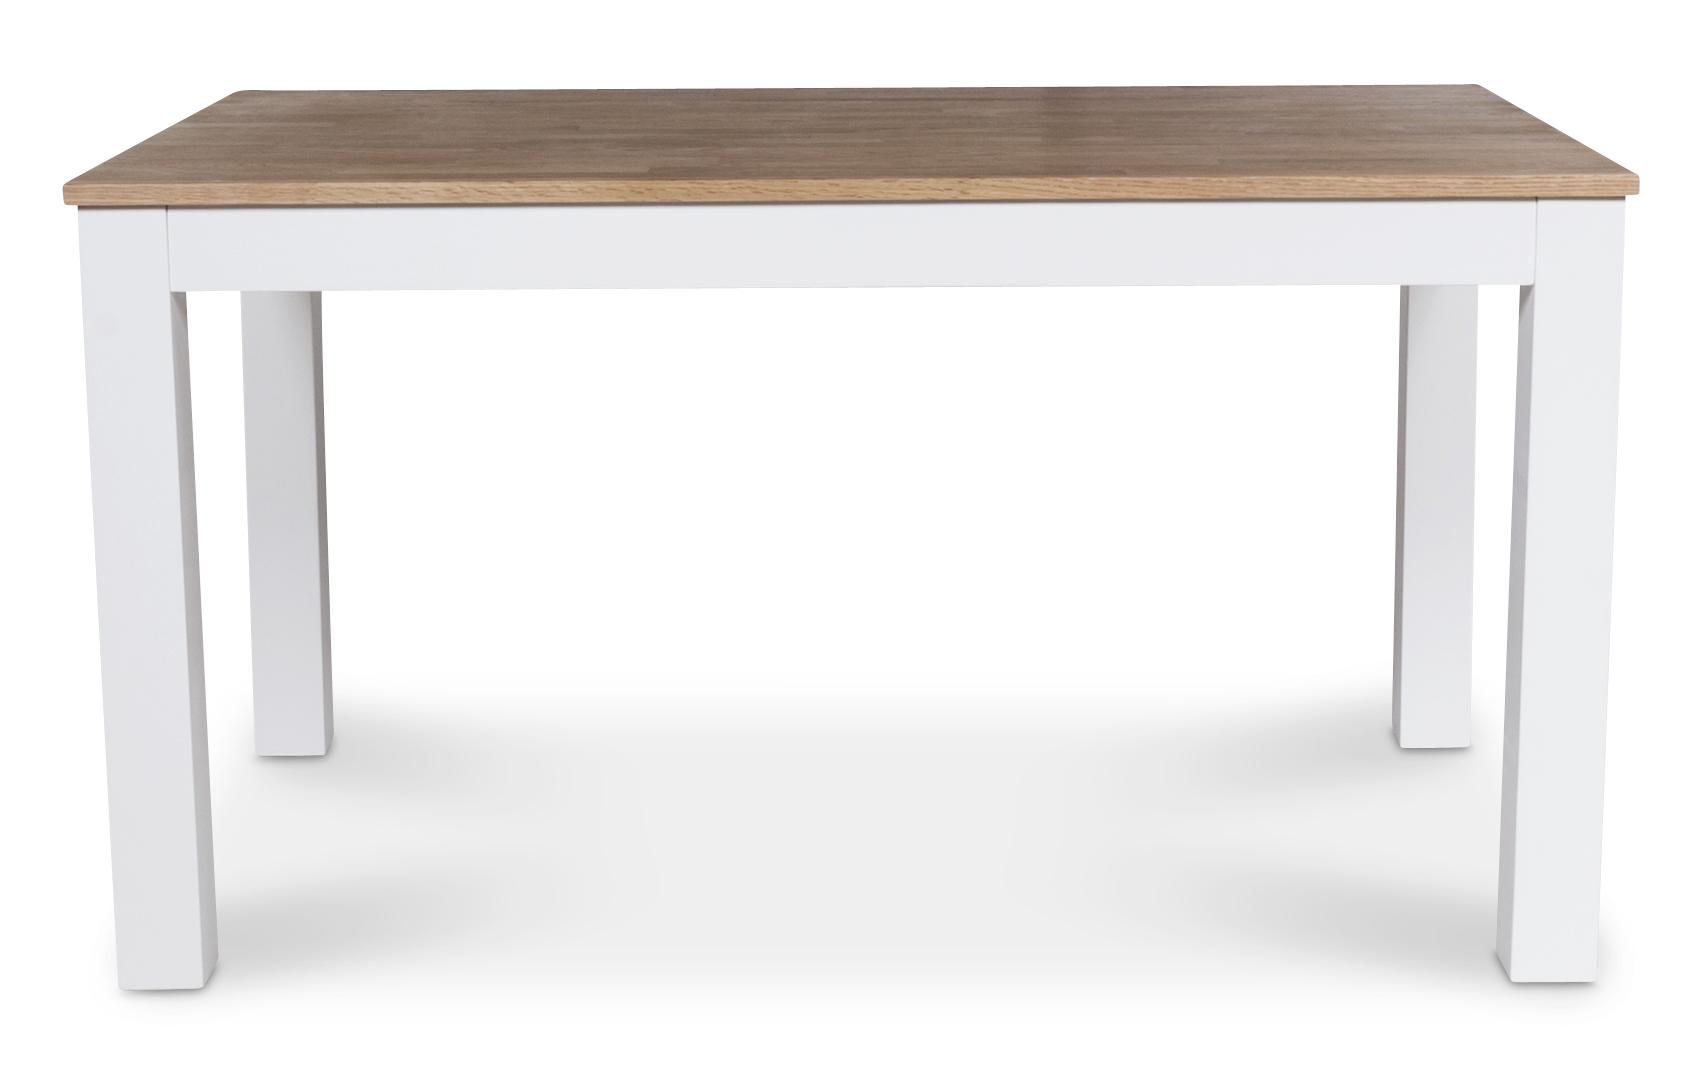 Dalarö matbord 140 cm vit oljad ek 2490 kr Trendrum se